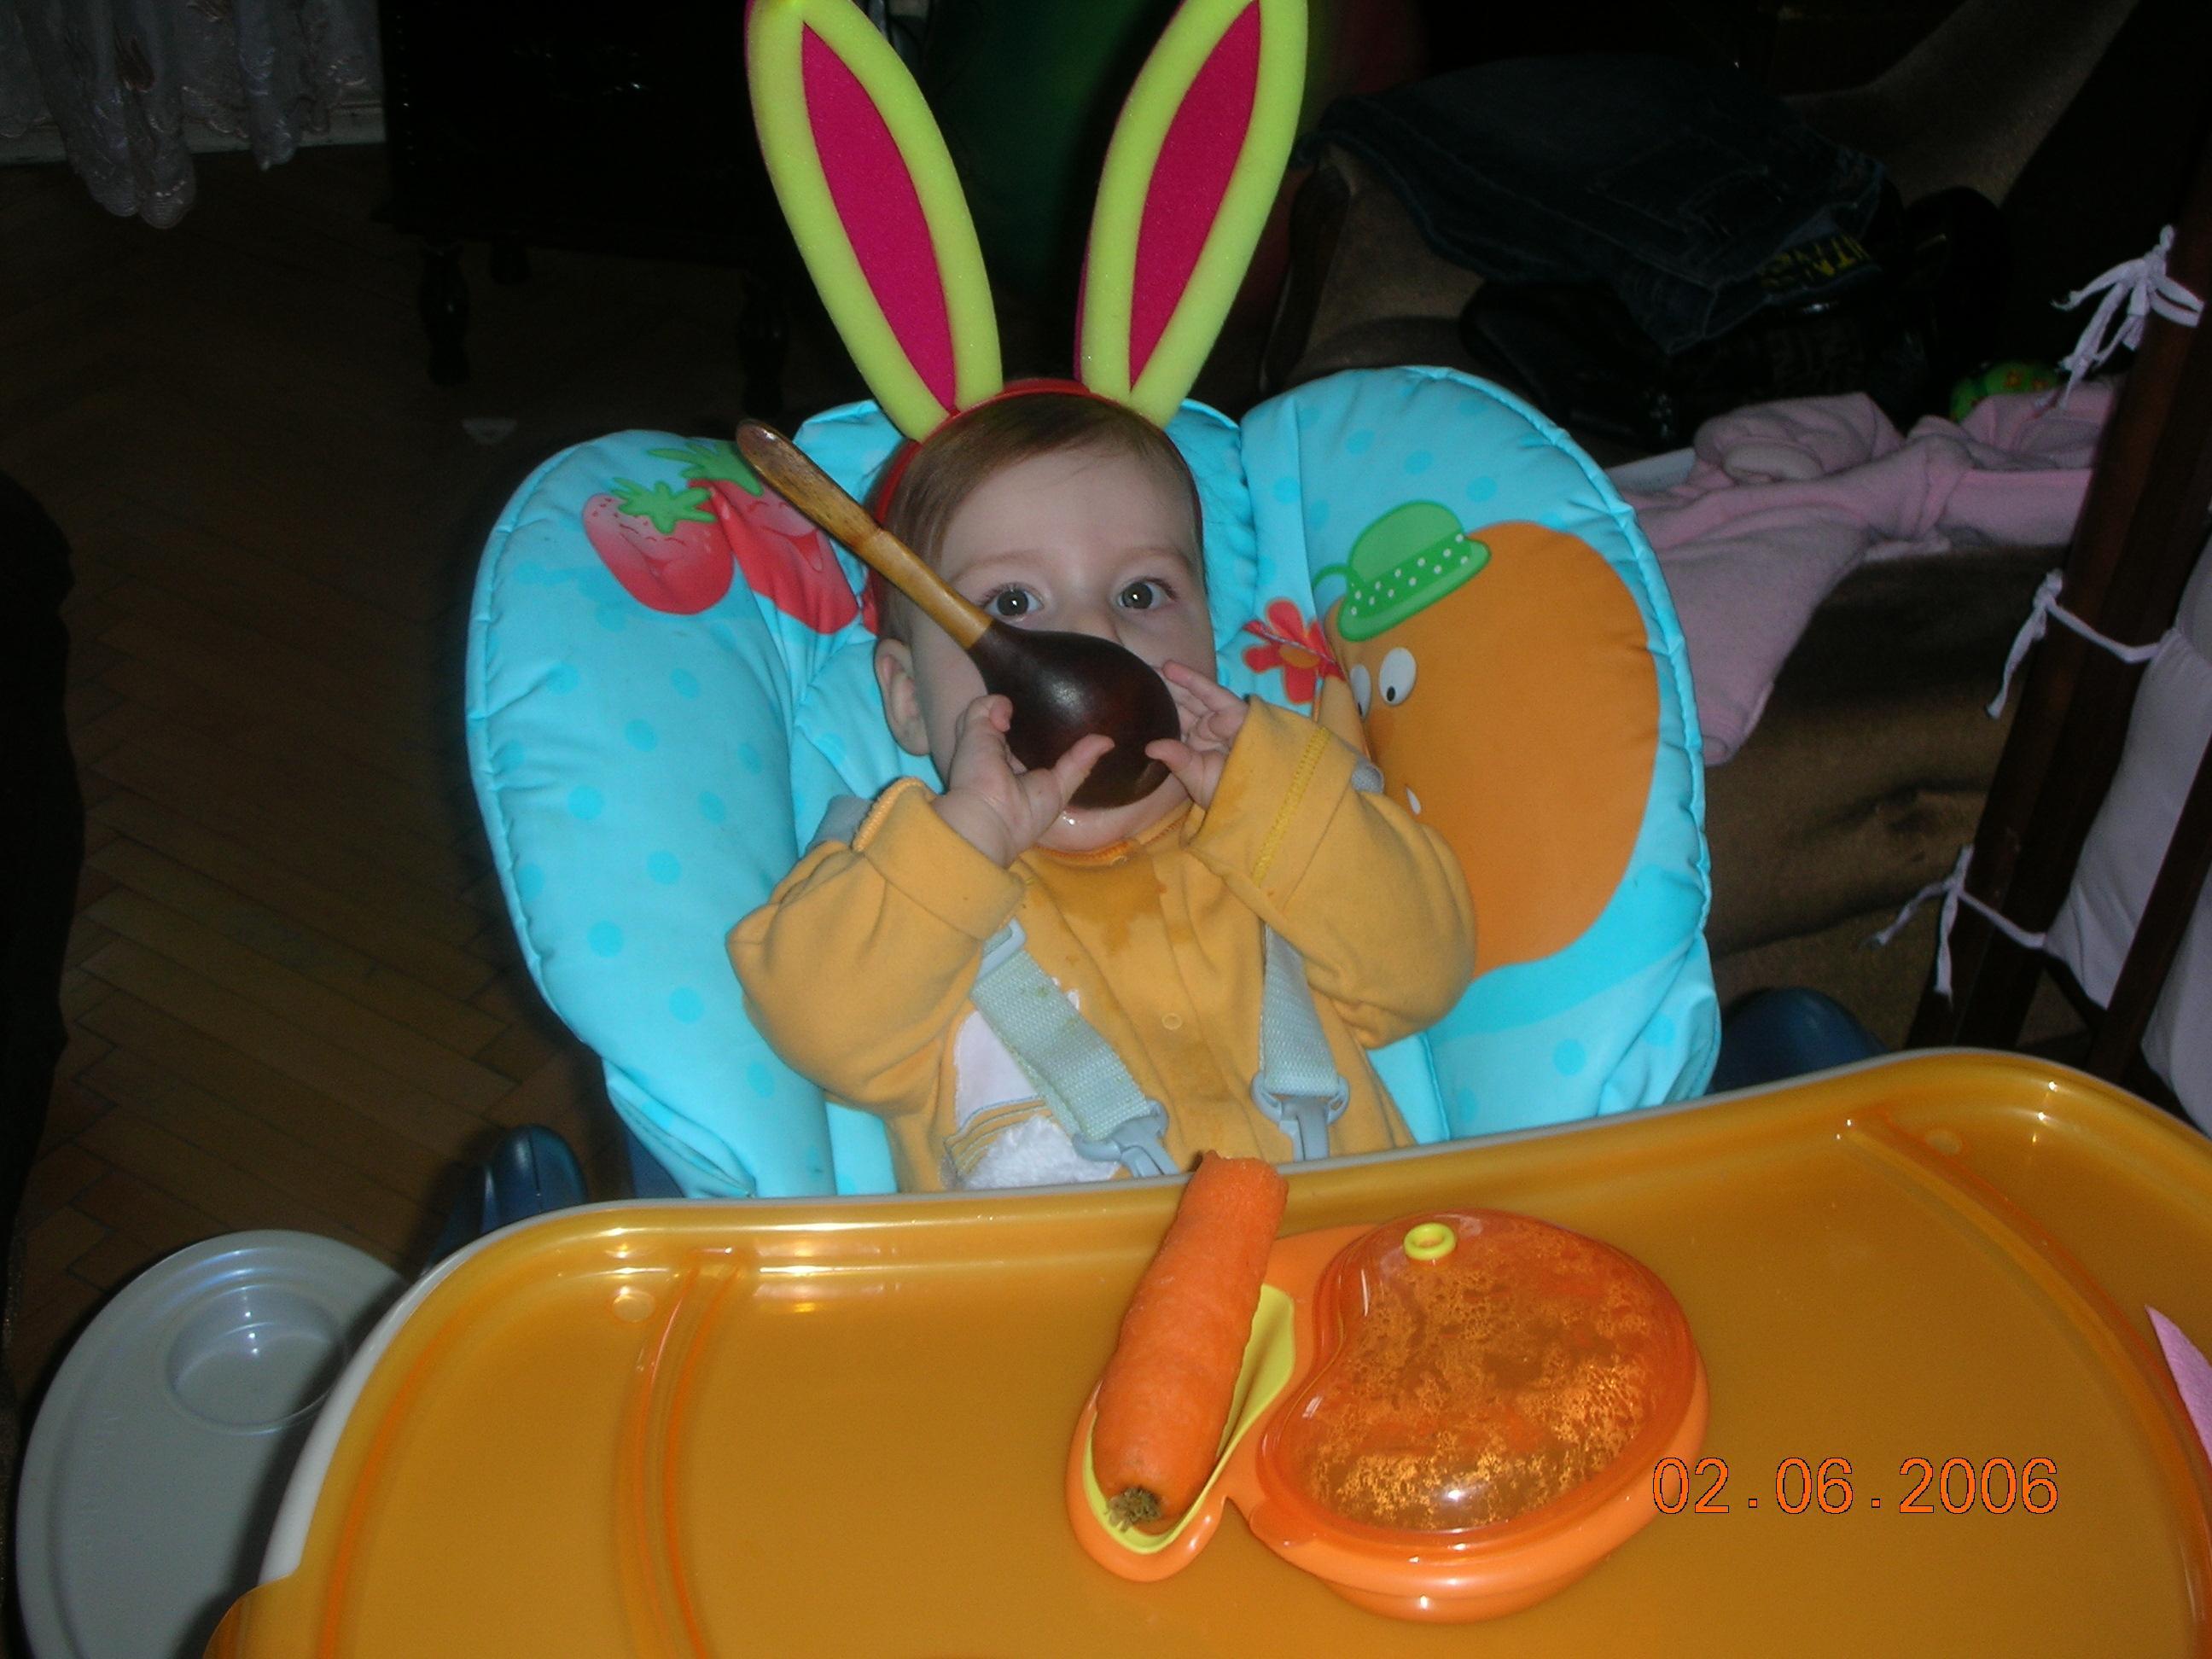 Я Зайчик-Побегайчик! Люблю покушать я, морковку ем я ложкой, хоть есть два зуба у меня!. Крошка с ложкой